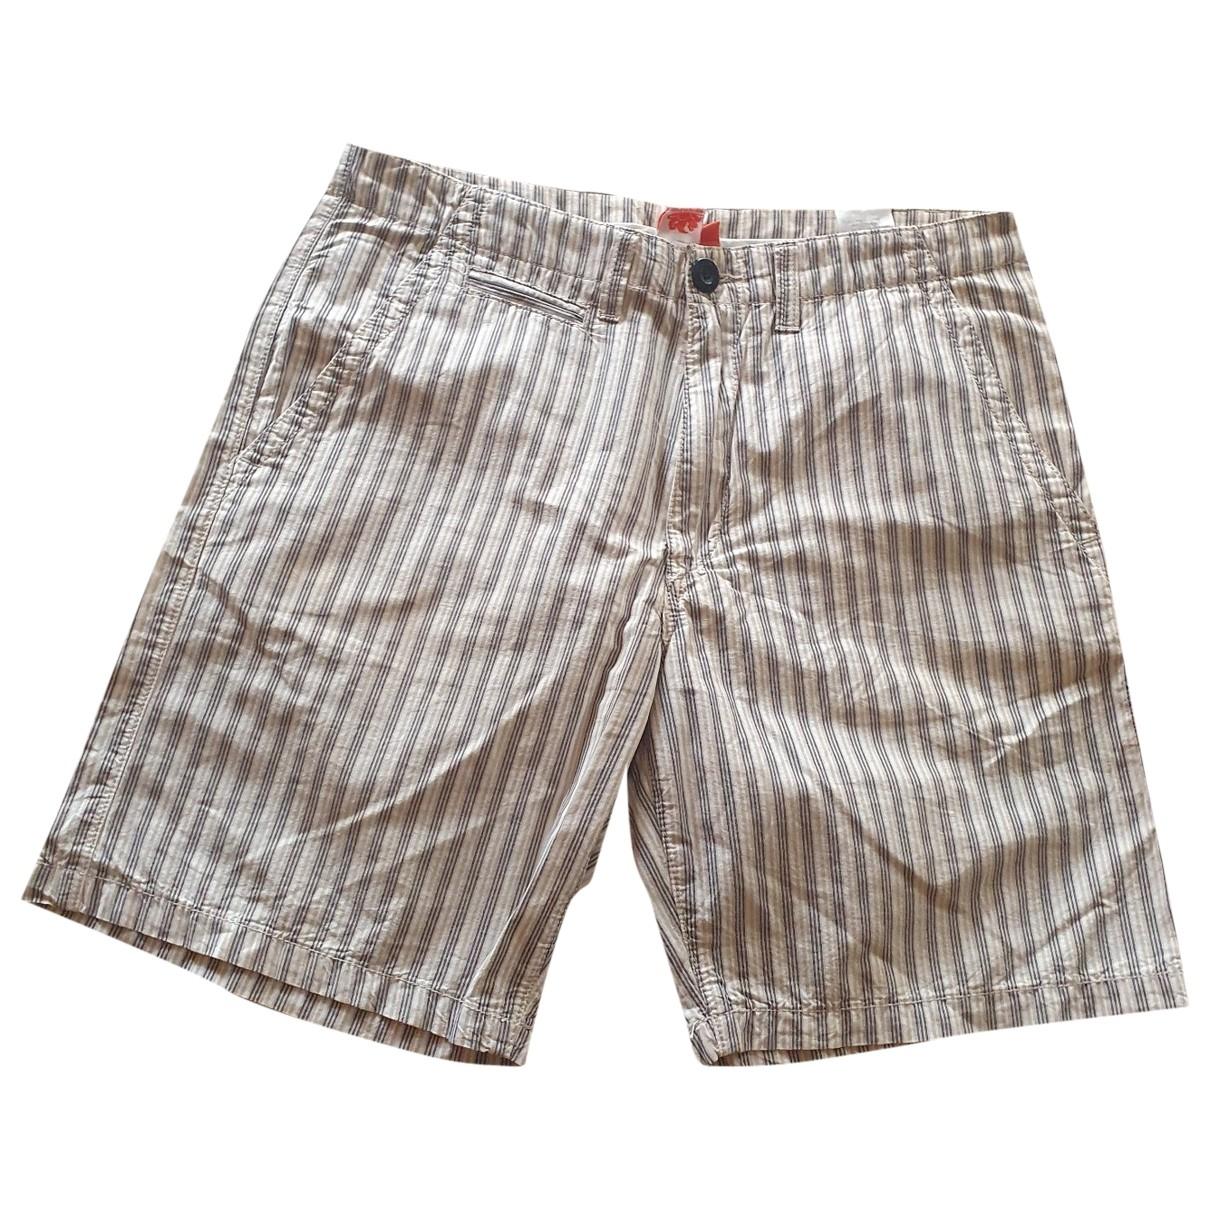 Sundek \N Cotton Shorts for Men 34 UK - US